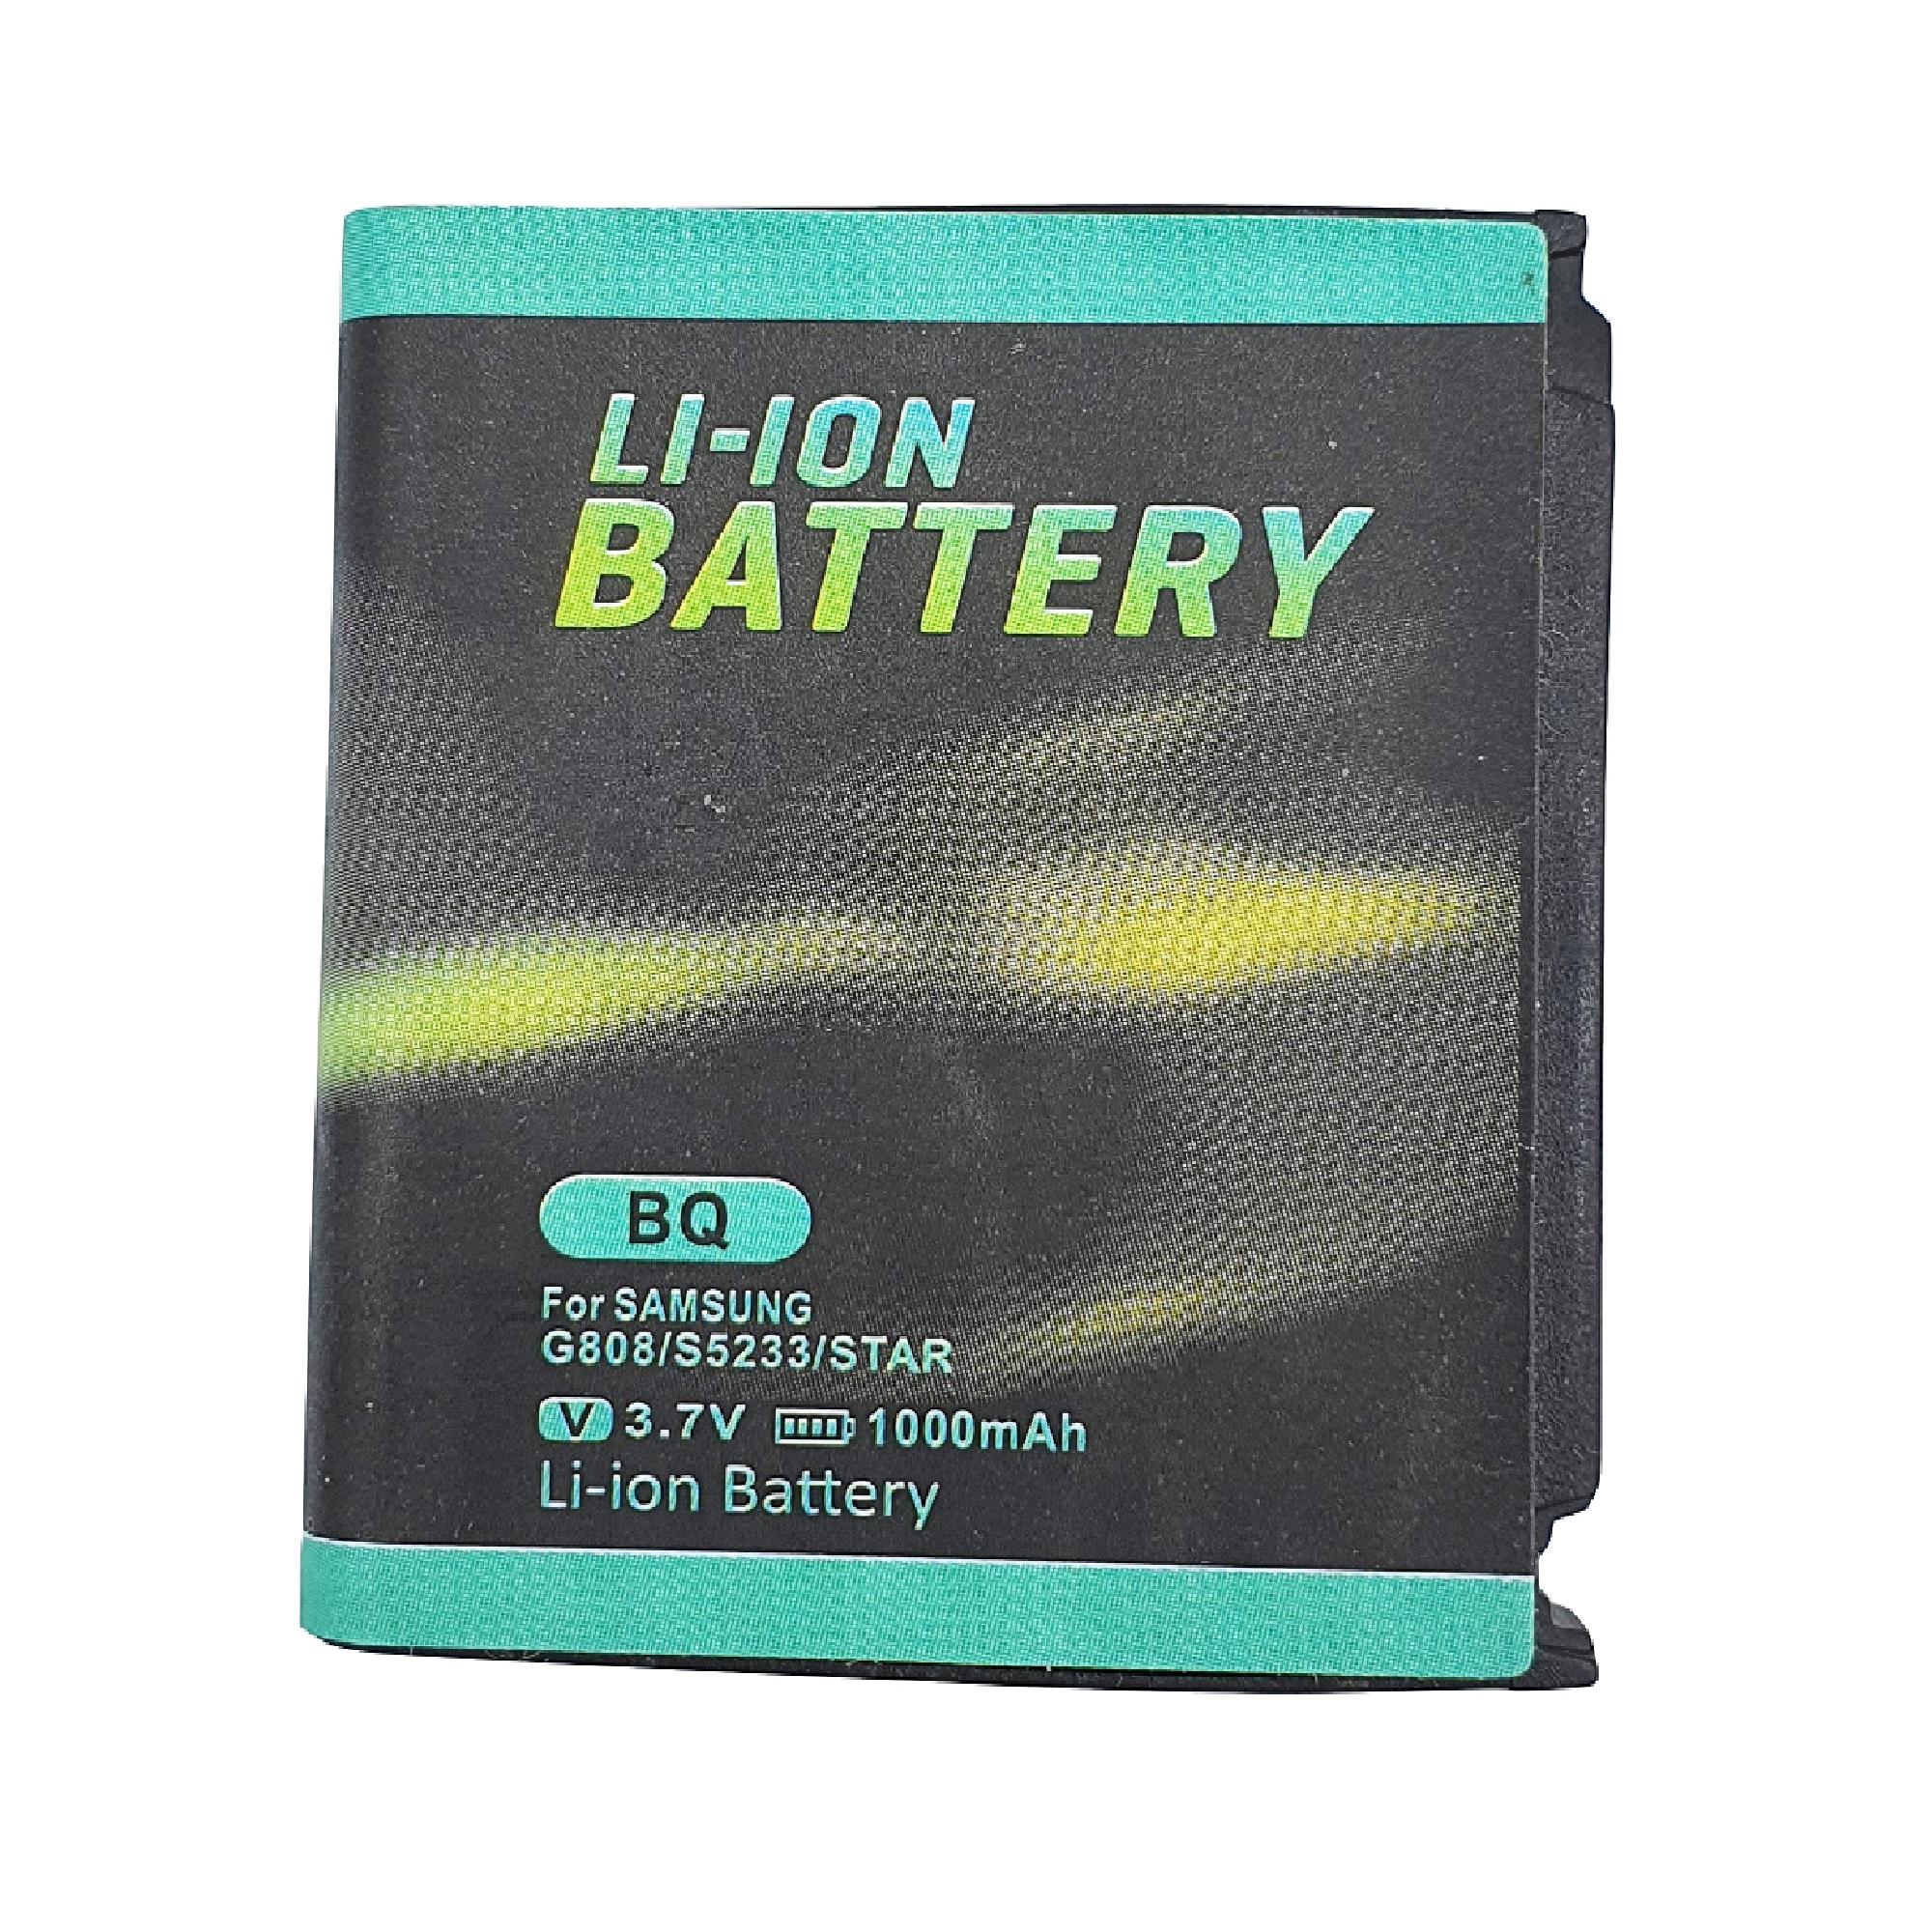 باتری موبایل مدل BQ ظرفیت 1000 میلی آمپر ساعت مناسب برای گوشی موبایل سامسونگ G808 thumb